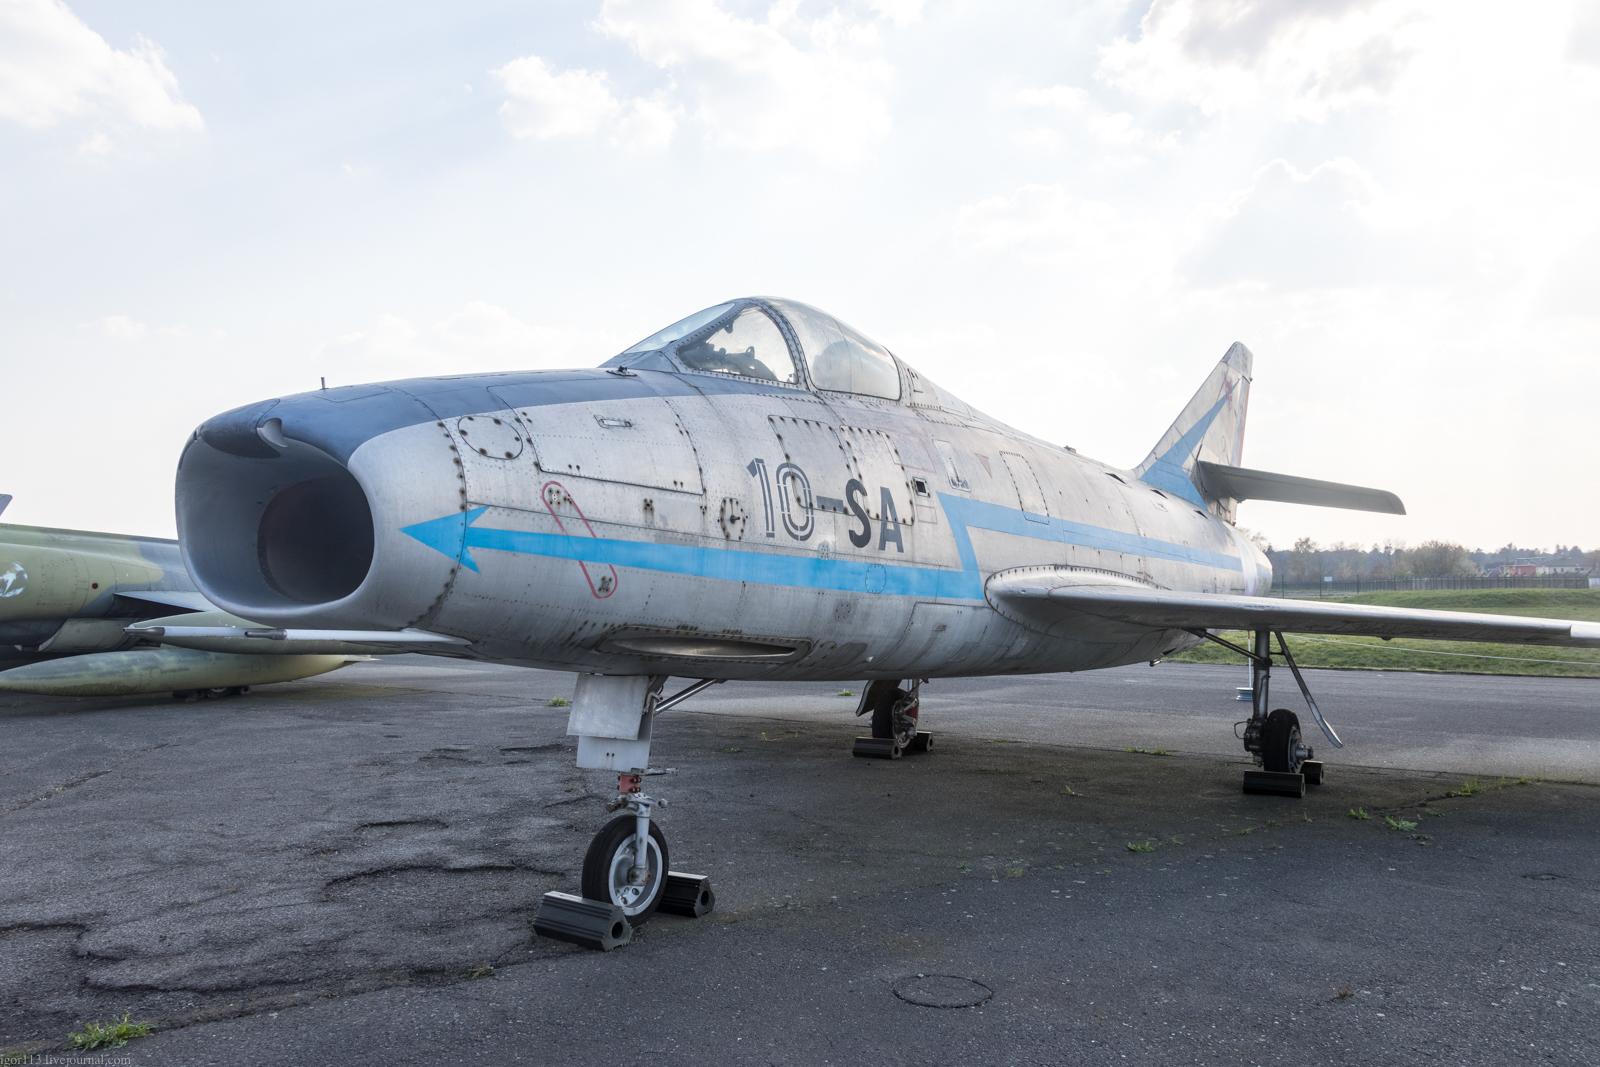 Музей люфтваффе в Берлине дальняя площадка: истребитель-перехватчик Dassault